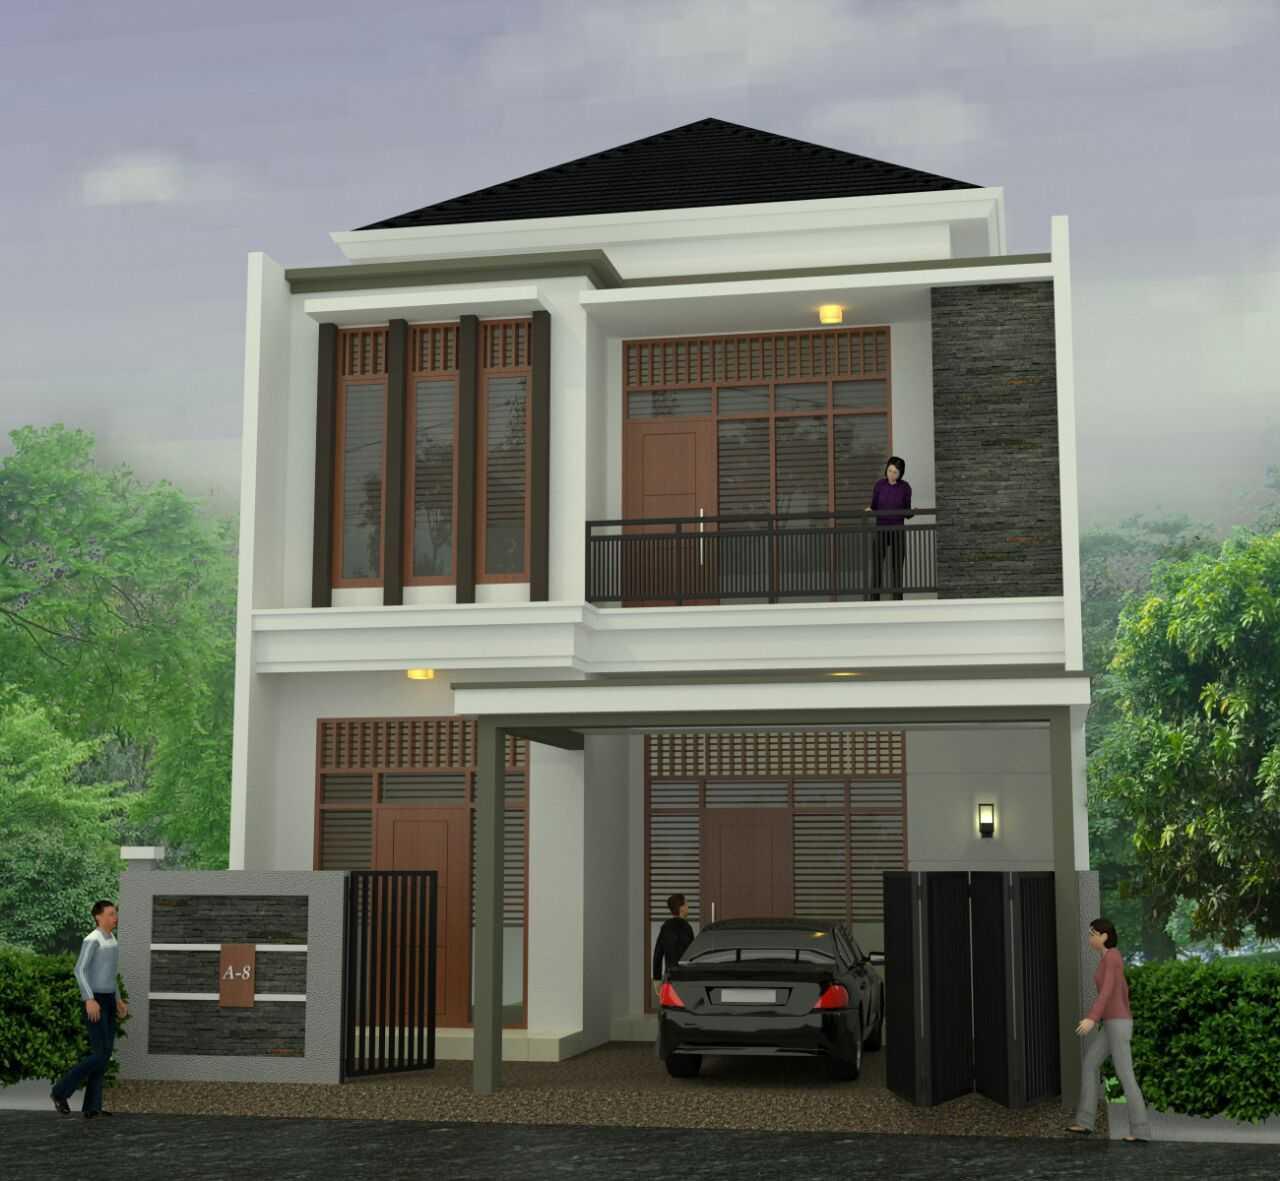 Ady-Studio Desain Rumah 2 Lantai Jl. Nangka Raya, Pamulang Tim., Pamulang, Kota Tangerang Selatan, Banten 15417, Indonesia  Ady-Studio-Desain-Rumah-2-Lantai  55768